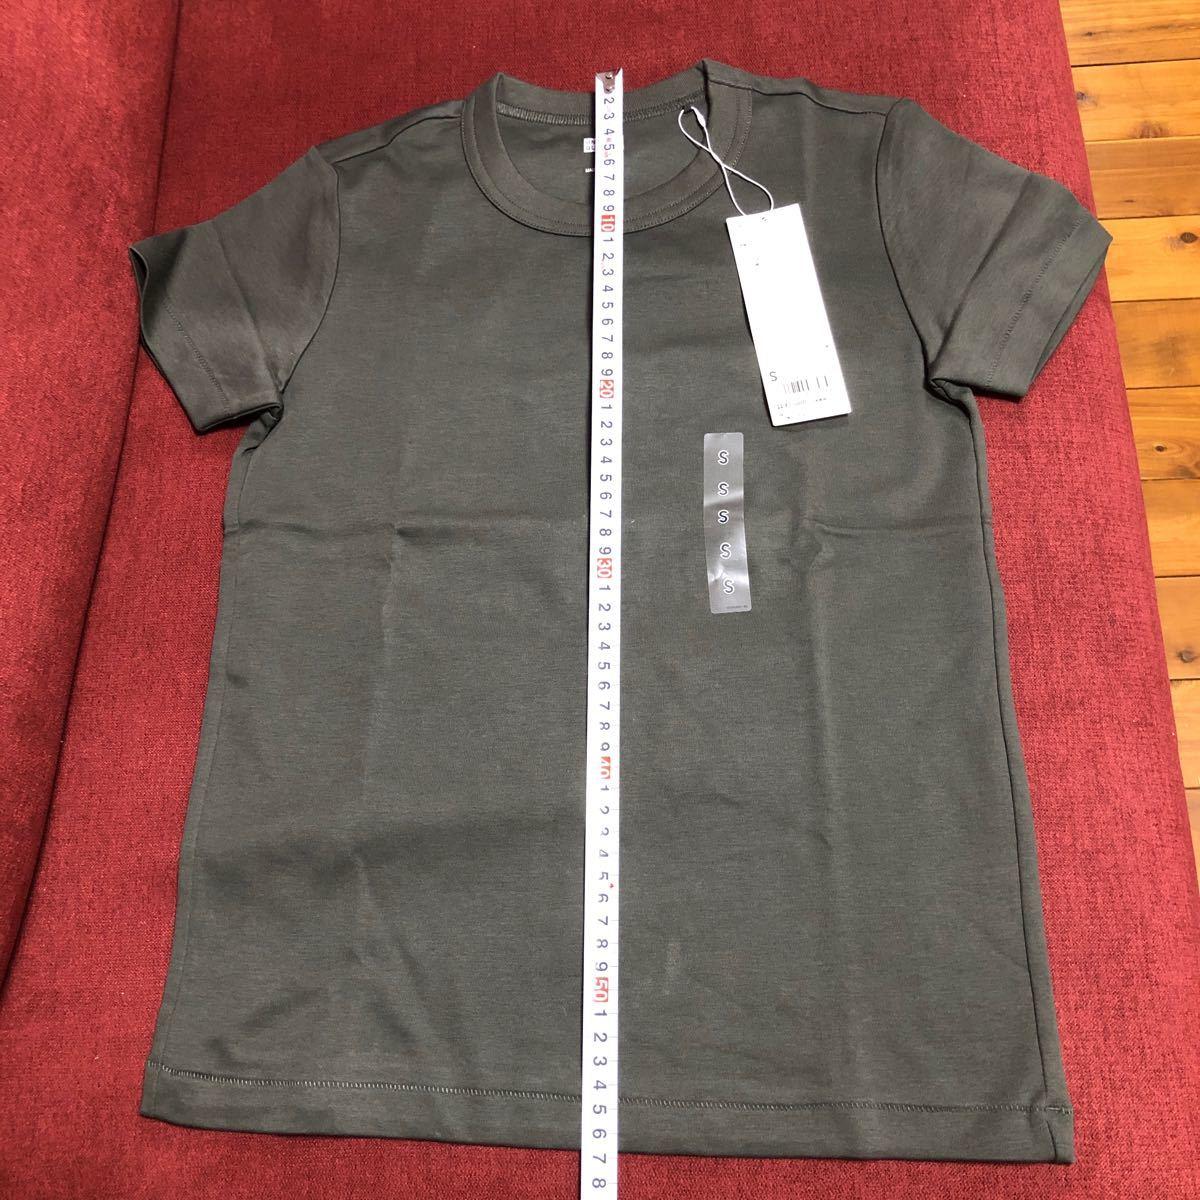 ユニクロ クルーネックTシャツ Sサイズ WOMEN